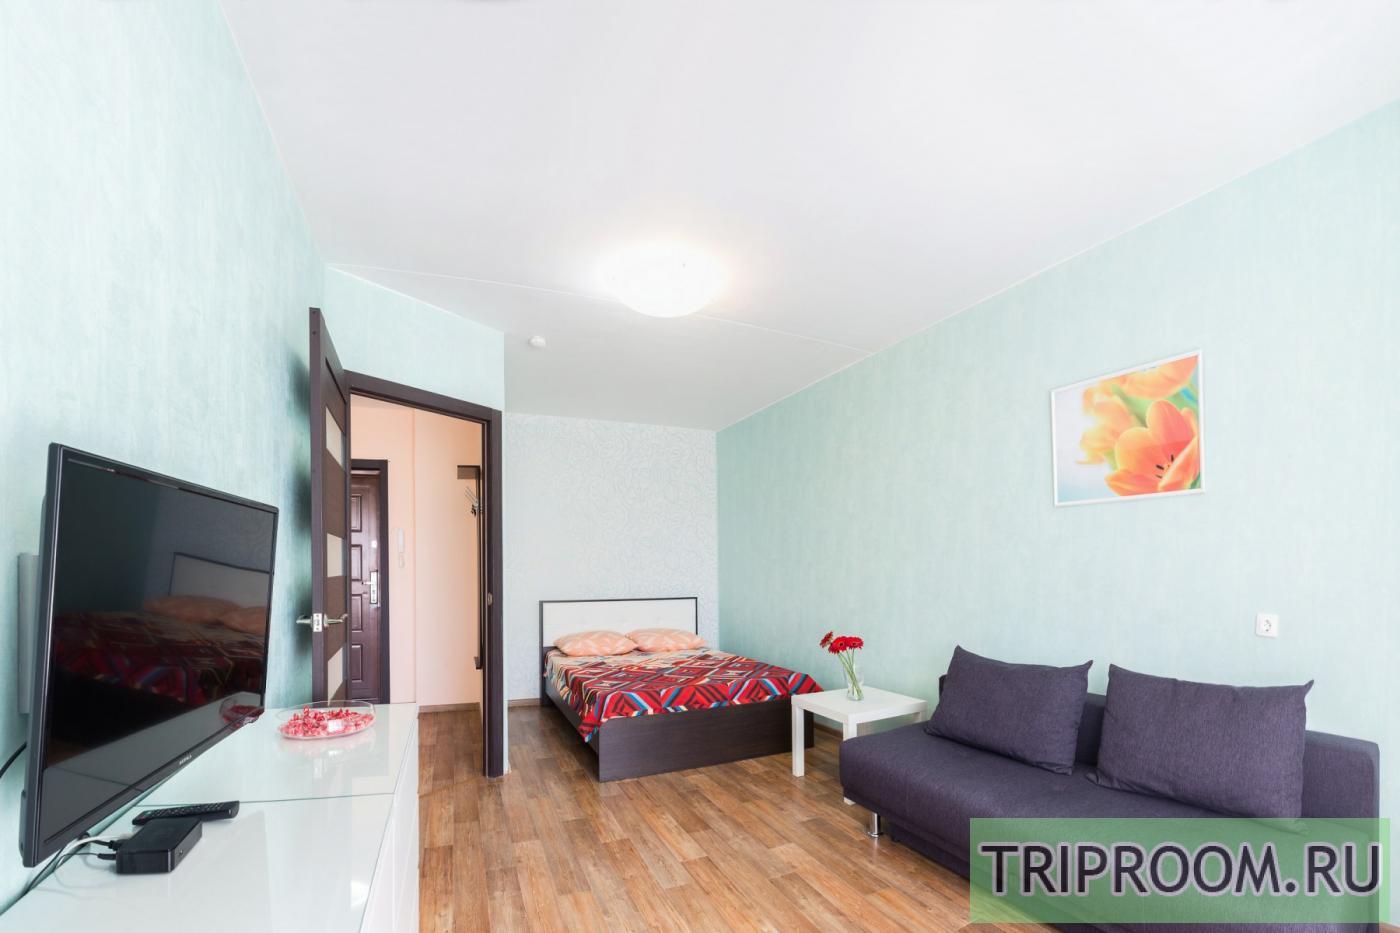 1-комнатная квартира посуточно (вариант № 33104), ул. Вилонова улица, фото № 1